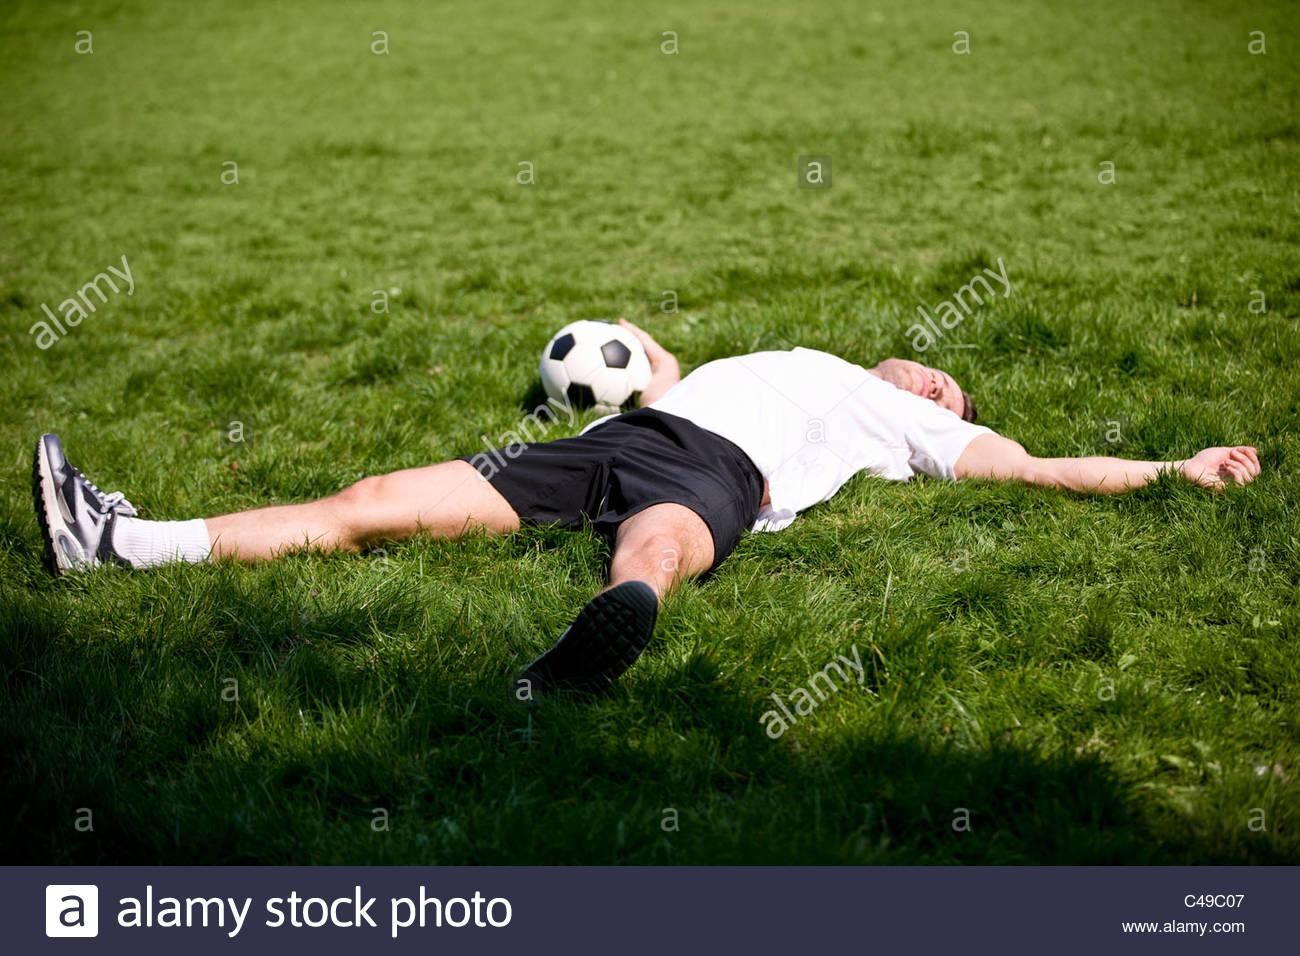 Un giovane uomo disteso sull'erba, tenendo in mano un pallone da calcio Immagini Stock